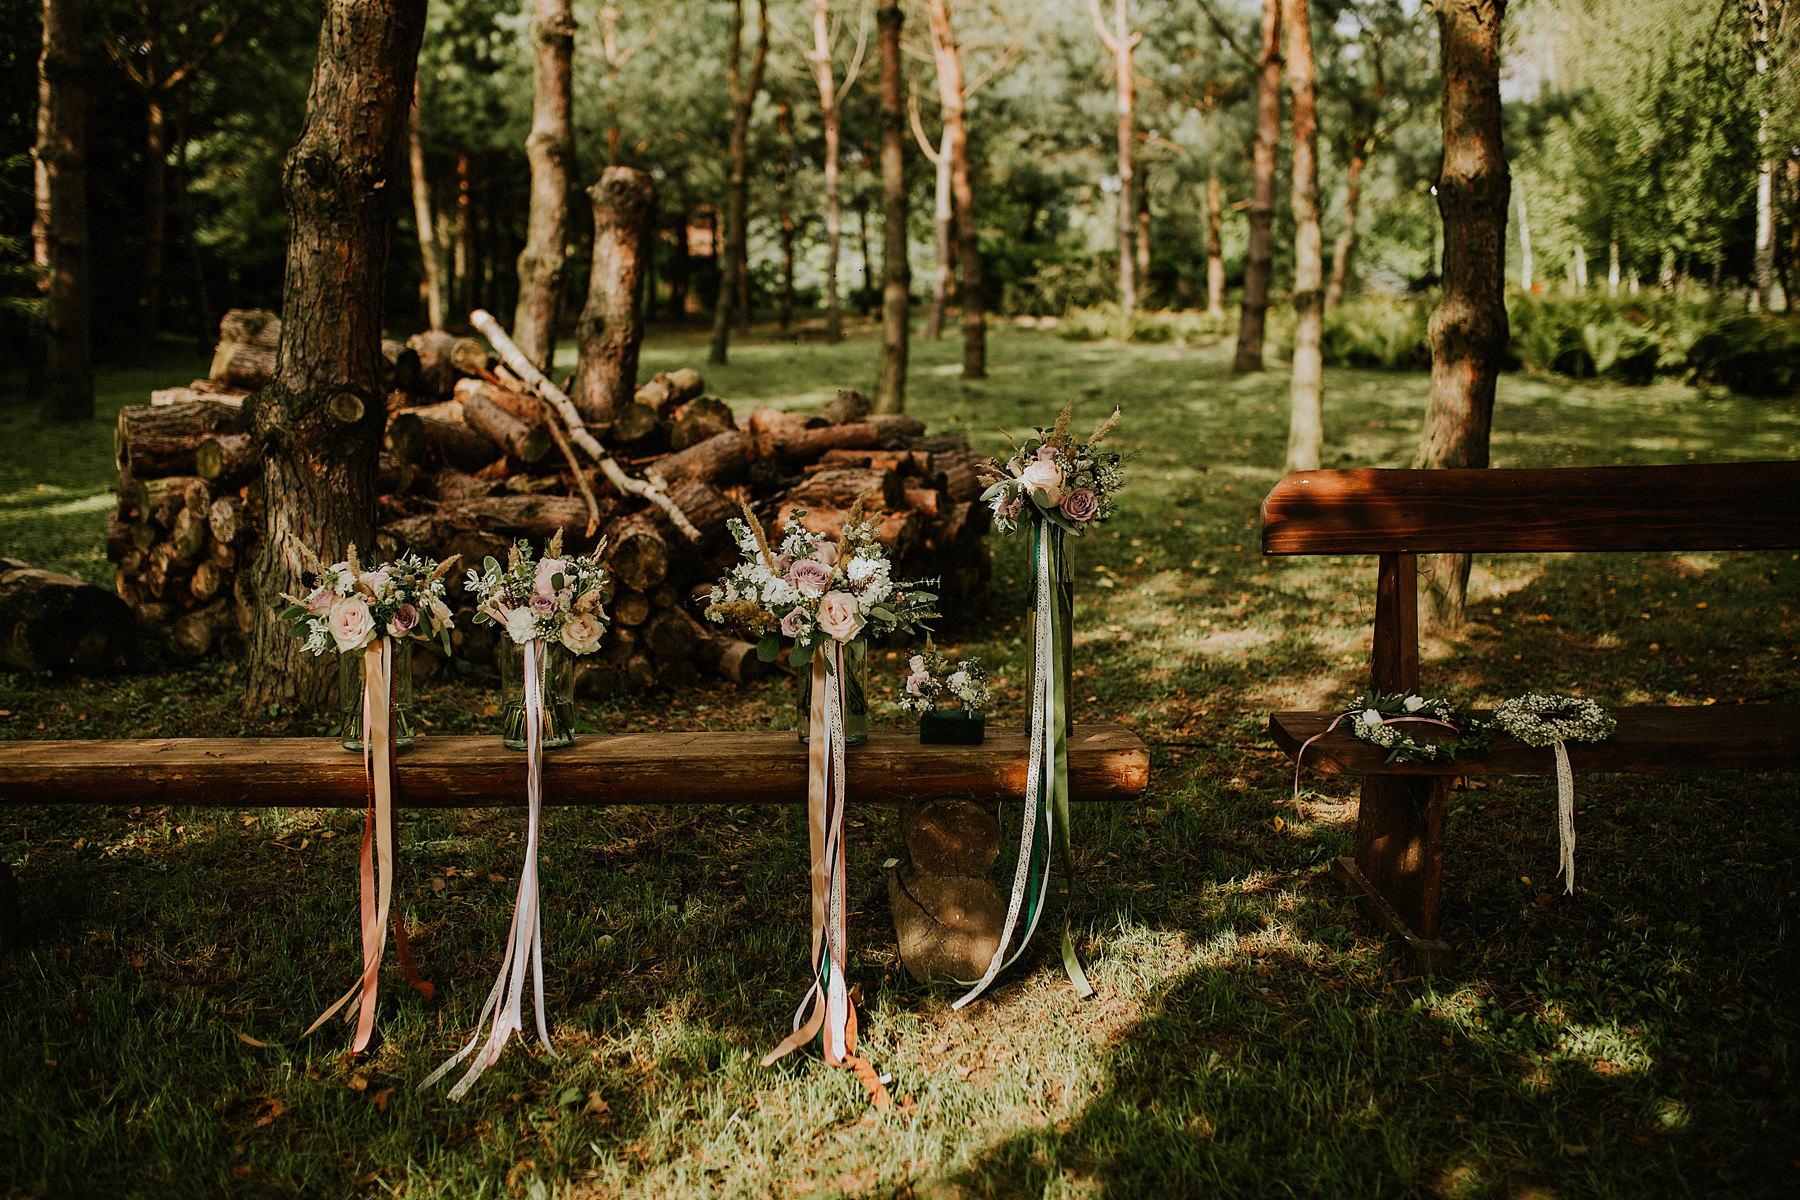 zamojskie rancho debry kwiaty